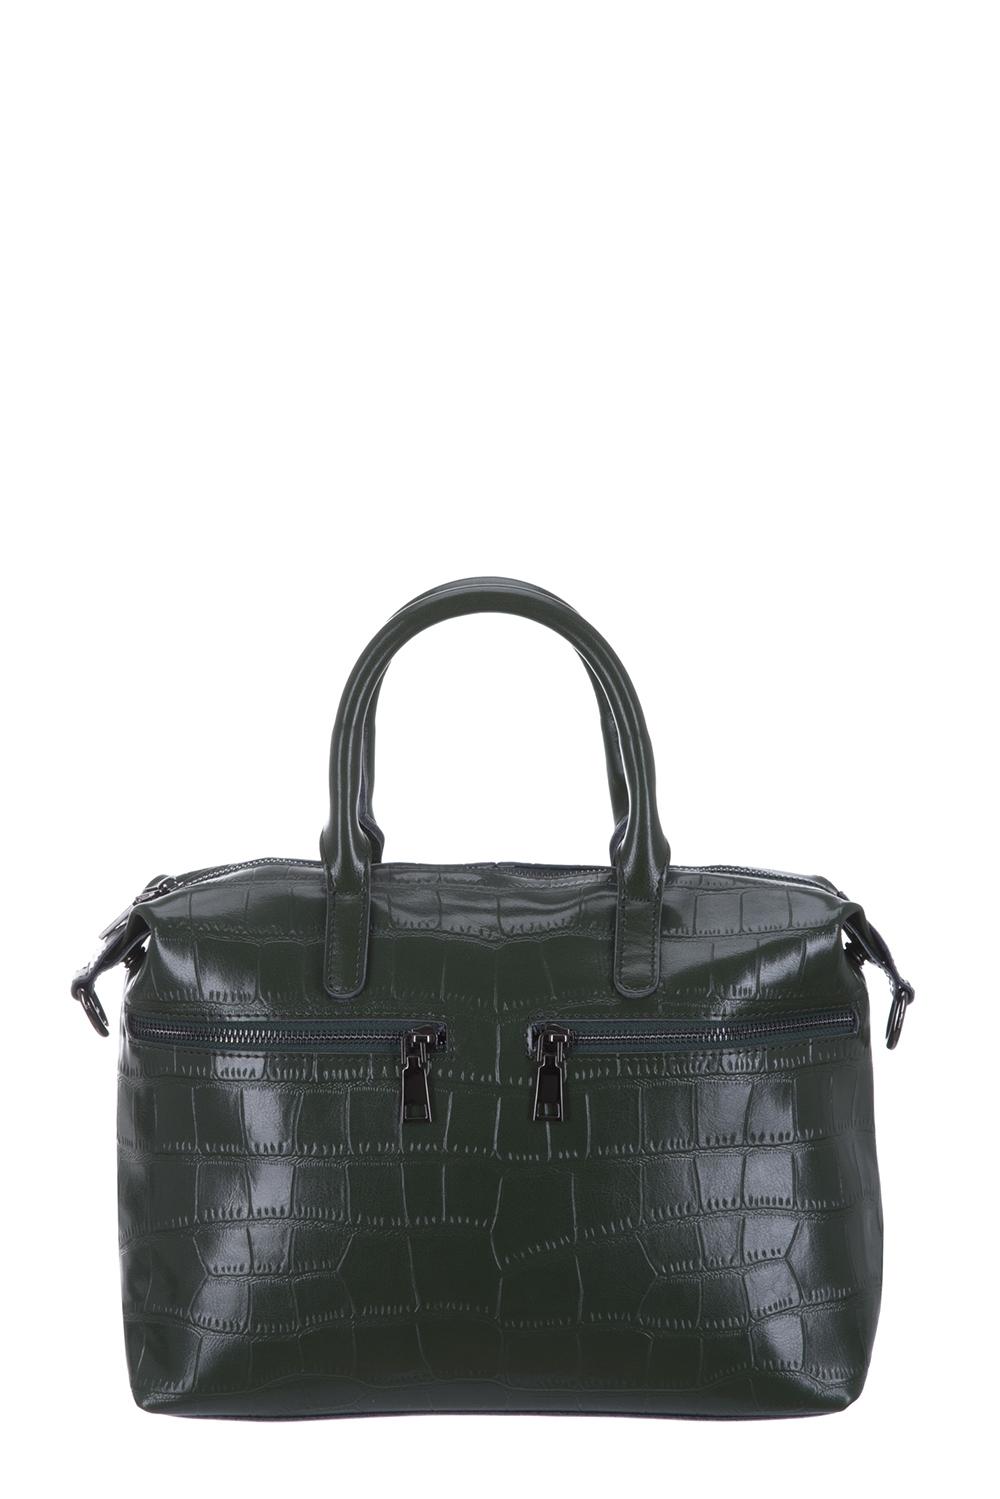 СумкаКлассические<br>Удобная и вместительная женская сумка. Модель выполнена из фактурного материала. Отличный выбор для завершения образа.  Цвет: зеленый  Размеры: 44*22*12 см.<br><br>По материалу: Искусственная кожа<br>По размеру: Средние<br>По рисунку: Однотонные,Фактурный рисунок<br>По способу ношения: В руках<br>По степени жесткости: Полужесткие<br>По элементам: Карман на молнии<br>Ручки: Короткие<br>По сезону: Всесезон<br>По форме: Прямоугольные<br>Размер : UNI<br>Материал: Искусственная кожа<br>Количество в наличии: 1